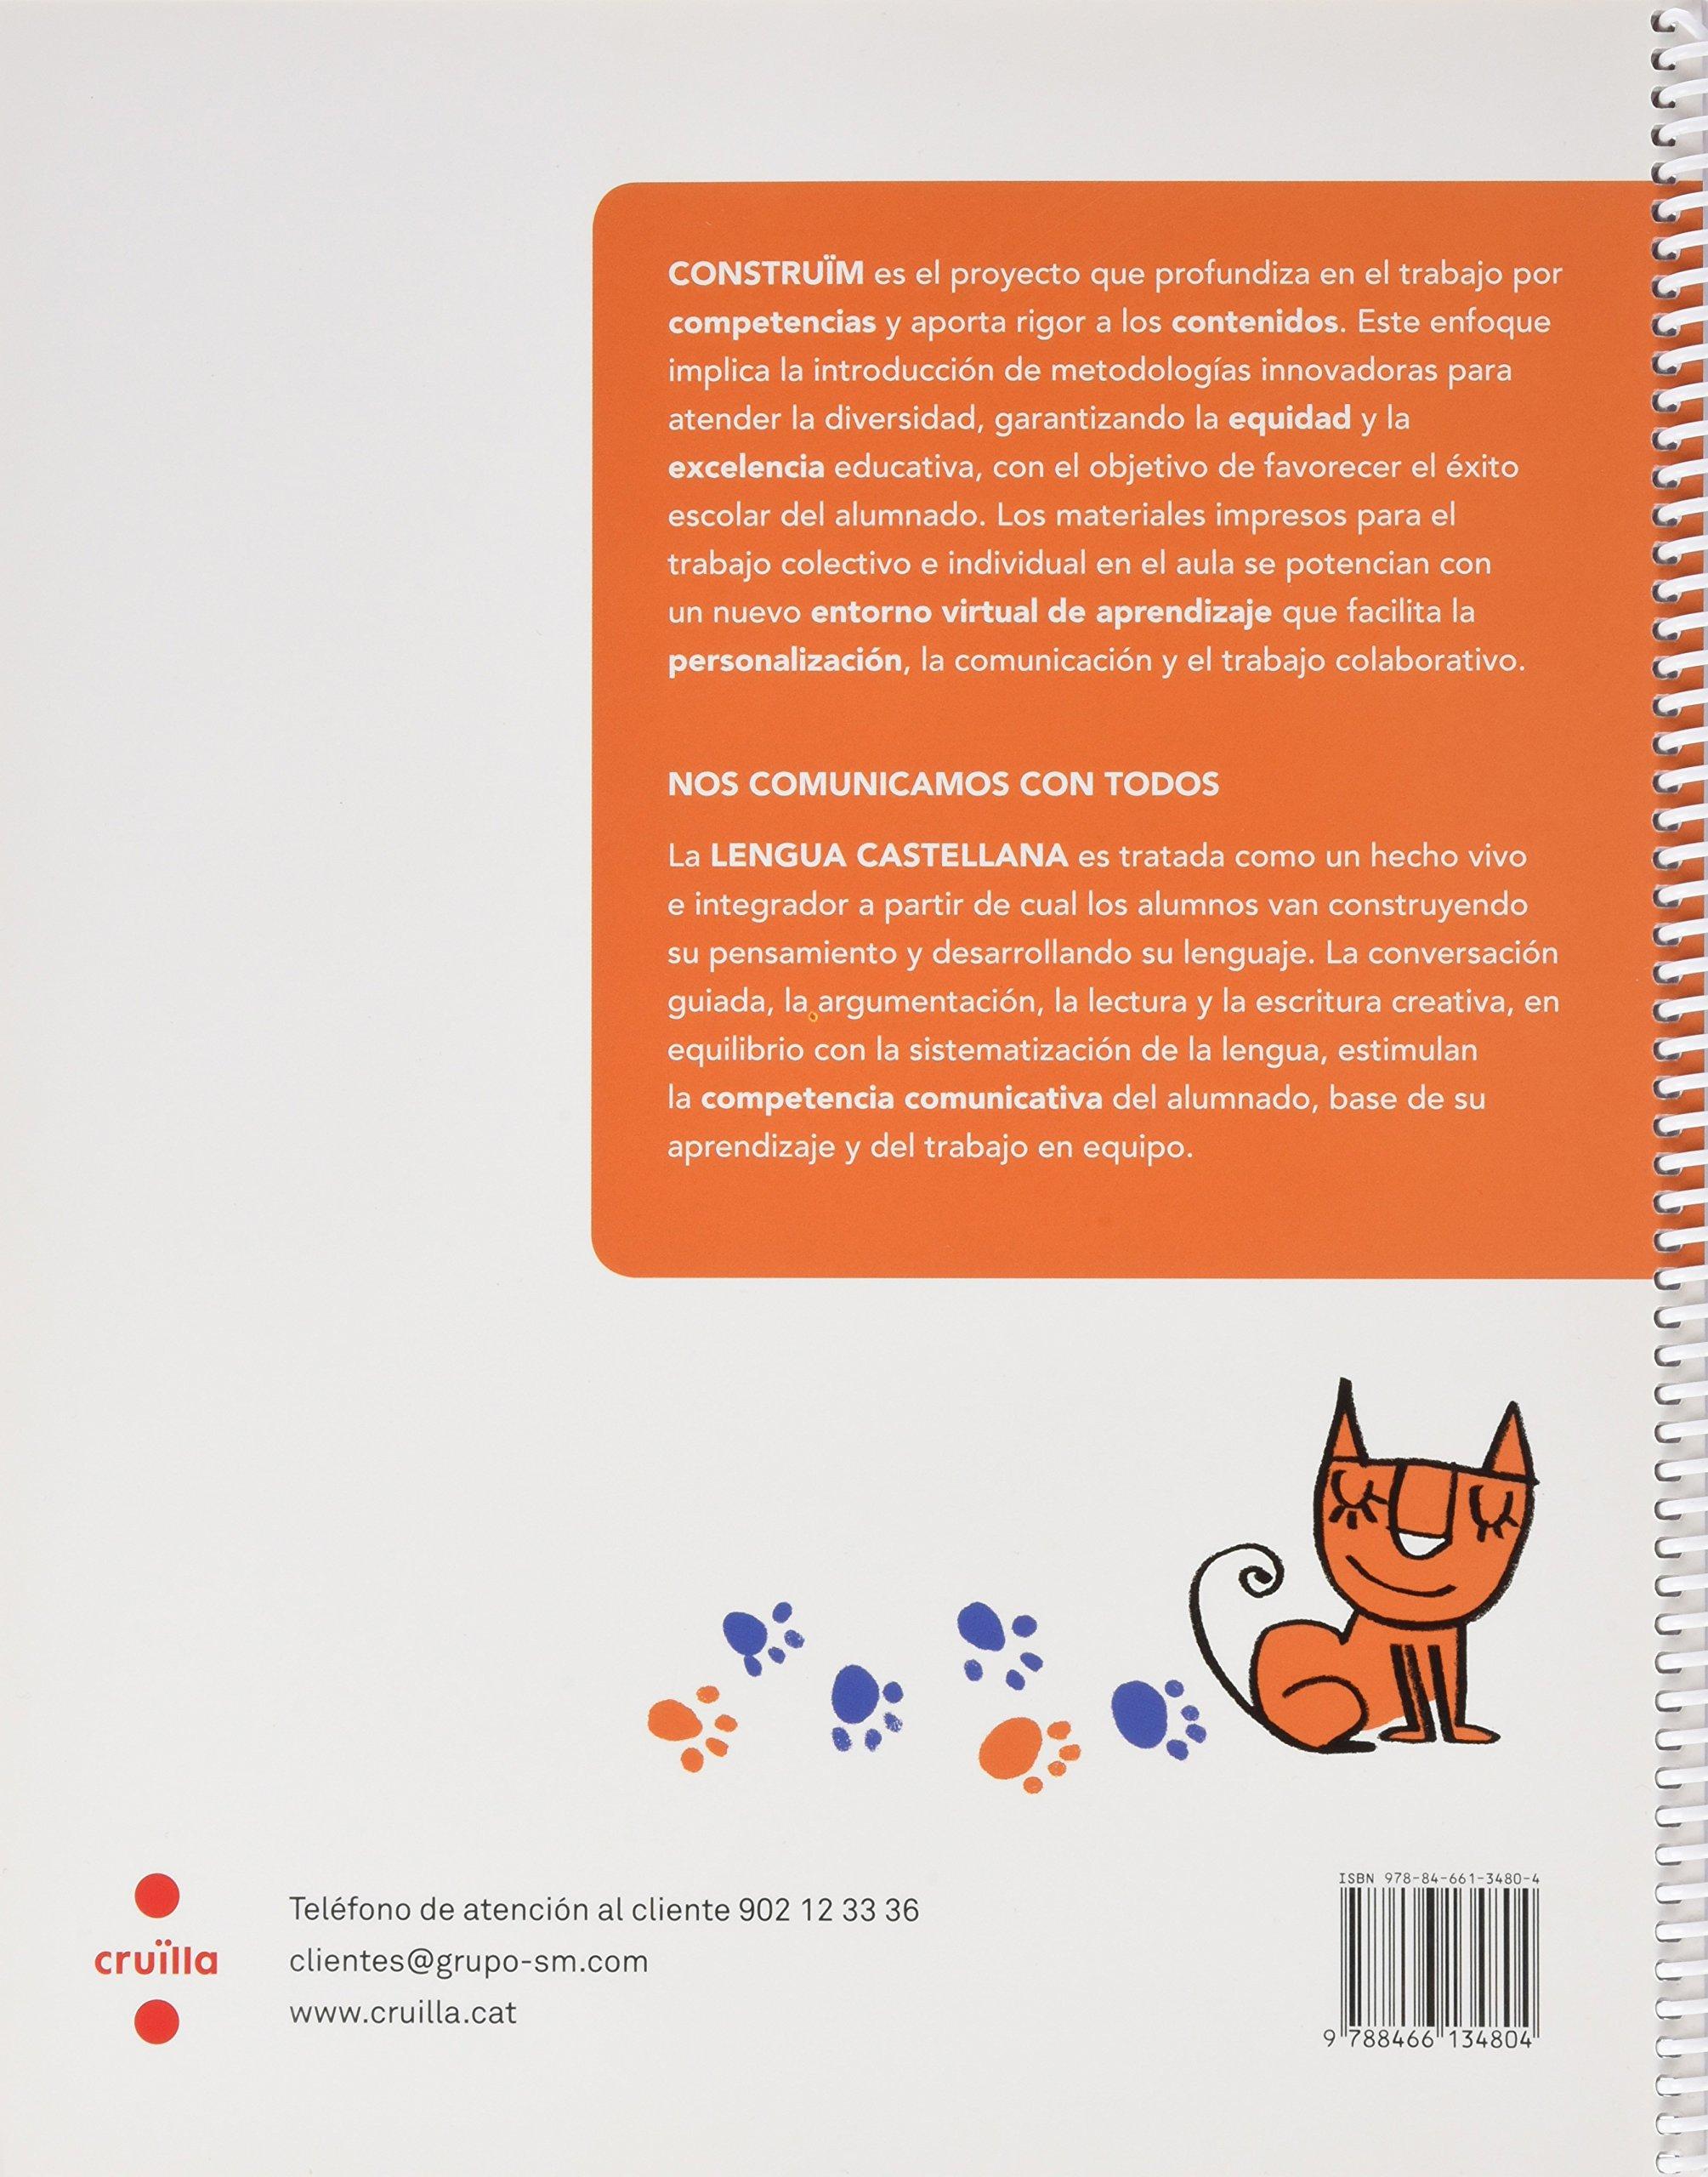 Supercompetentes en... Lengua castellana. 5 Primaria. Construïm. Cuaderno -  9788466134804: Amazon.es: Equip Editorial Cruïlla, Roberta Bridda: Libros